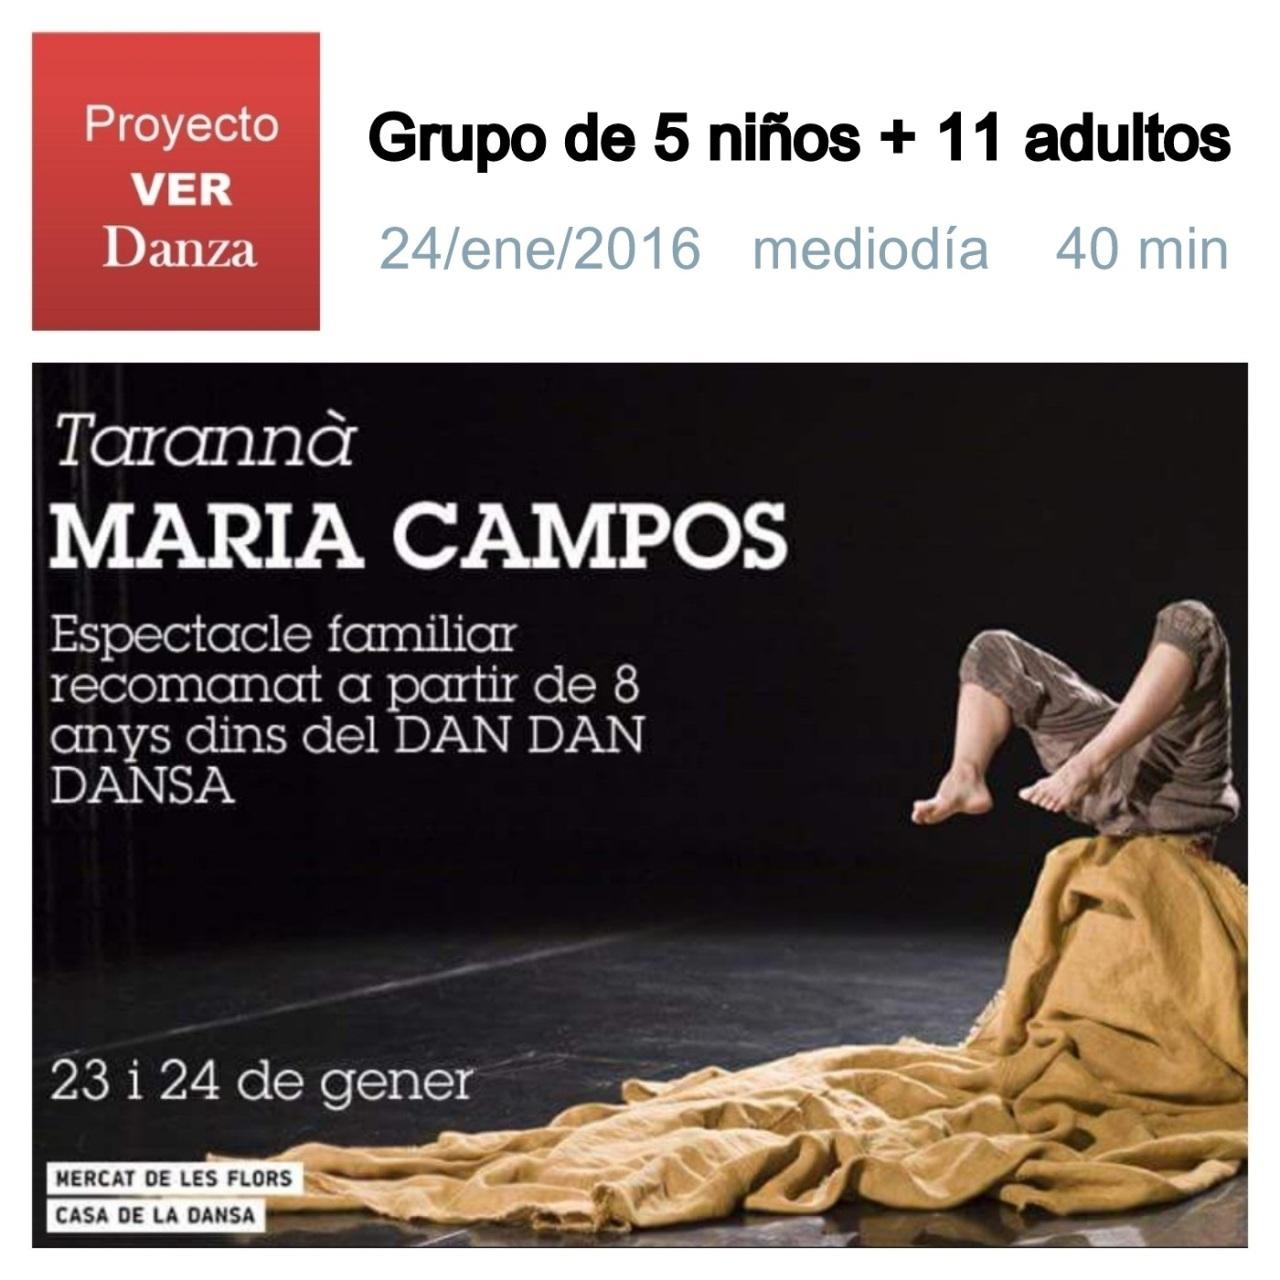 grupo de 16 vimos TARANNA de Maria Campos en el Mercat de les Flors